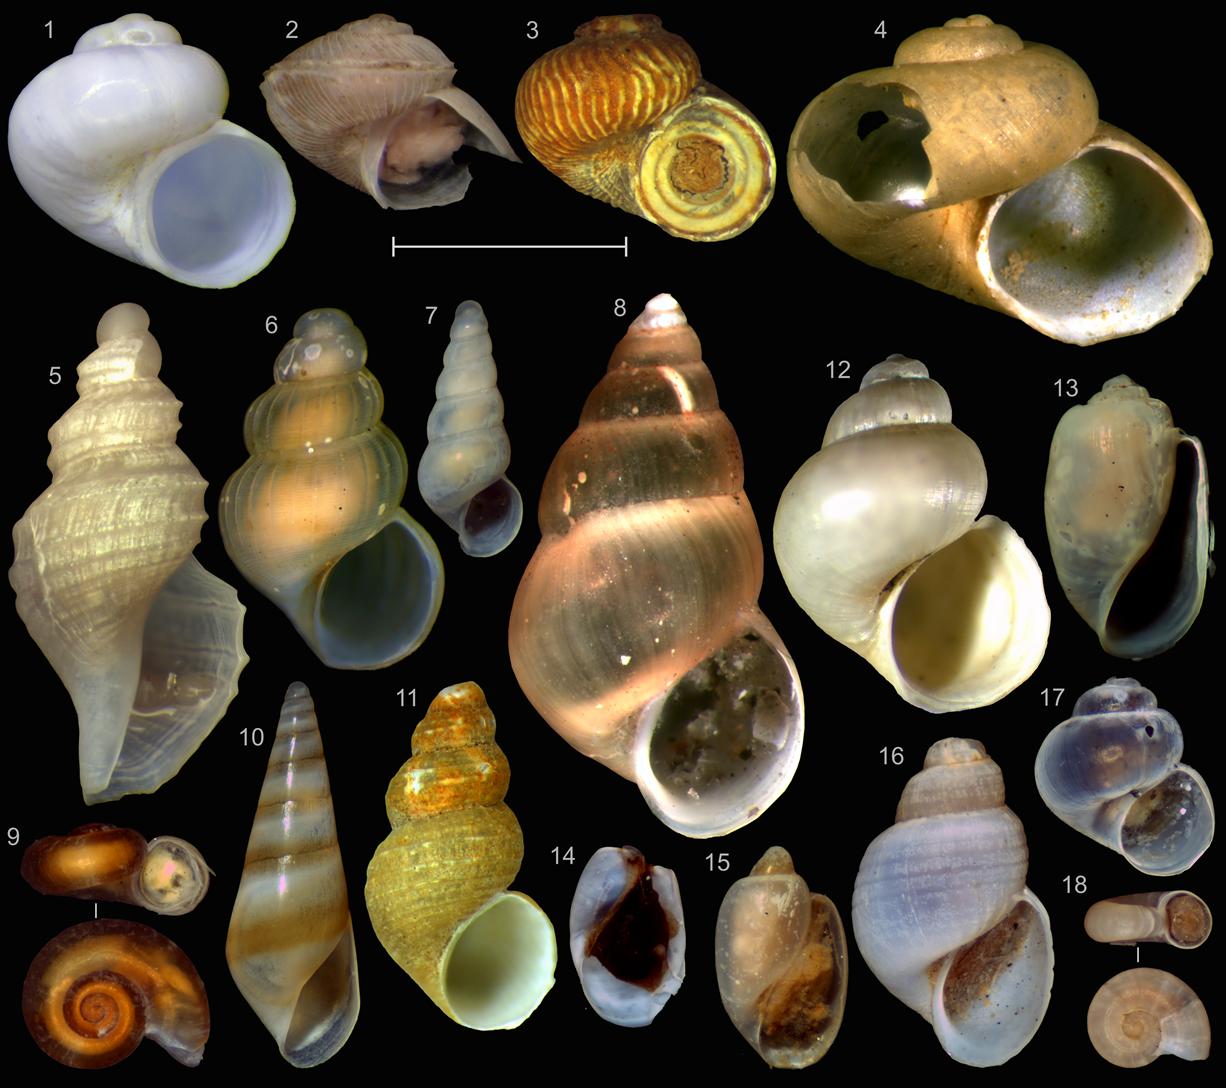 Представители различных семейств микромоллюсков Арктики. Фото: Иван Нехаев и Екатерина Кроль